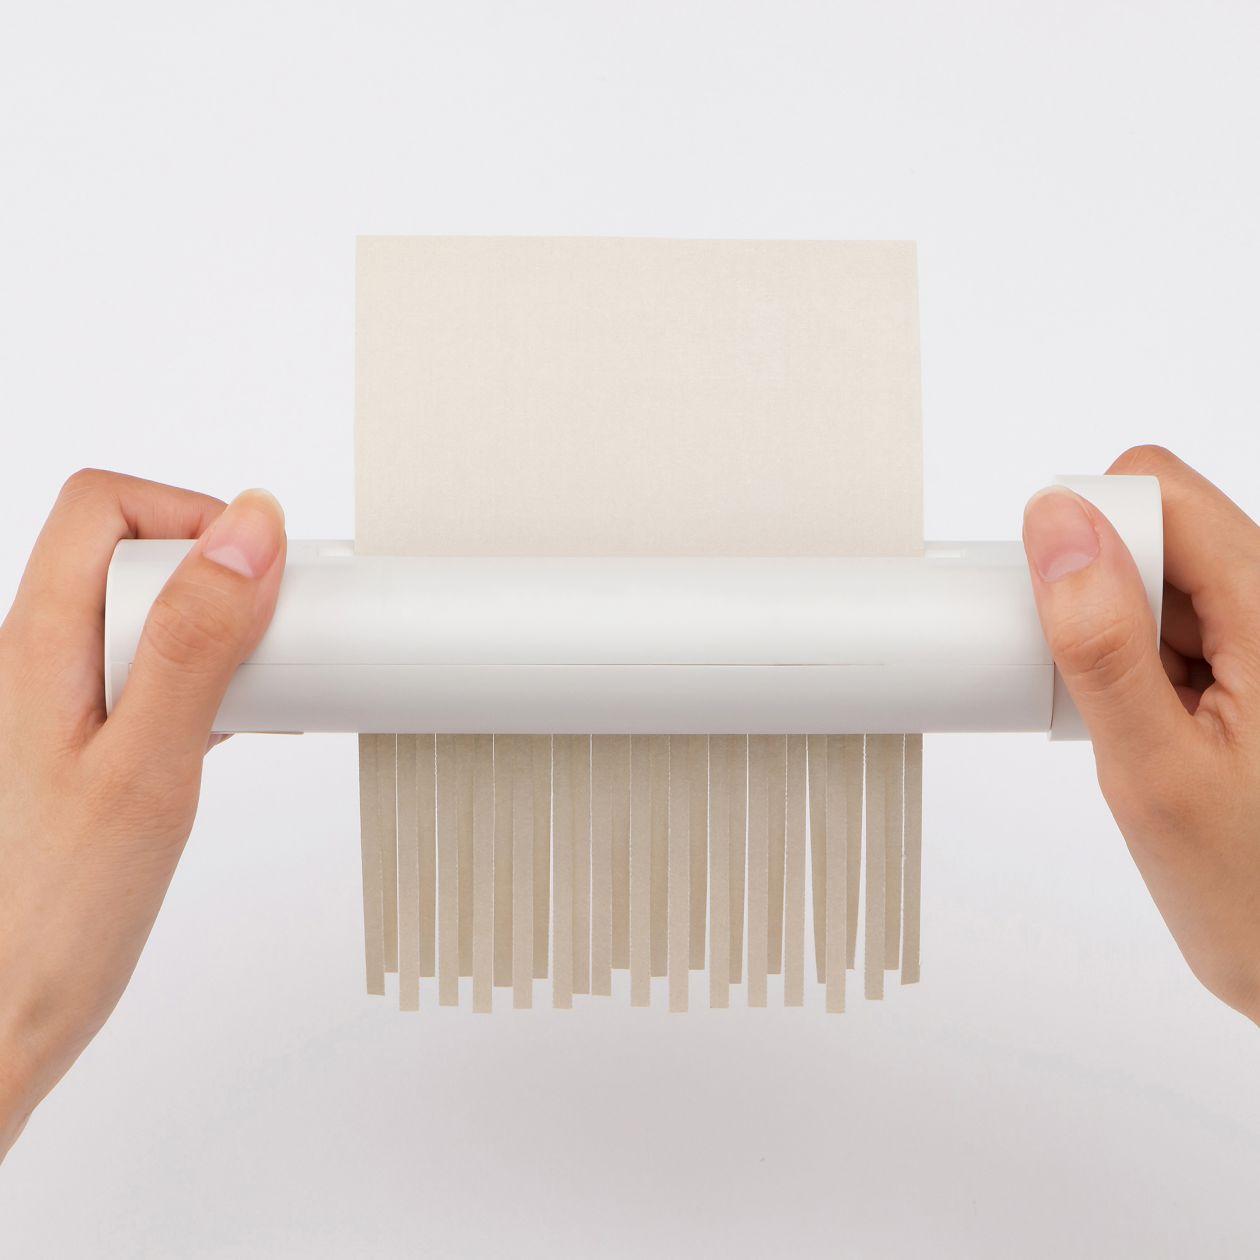 ハンドシュレッダーのおすすめ8選!A4サイズや厚紙対応も